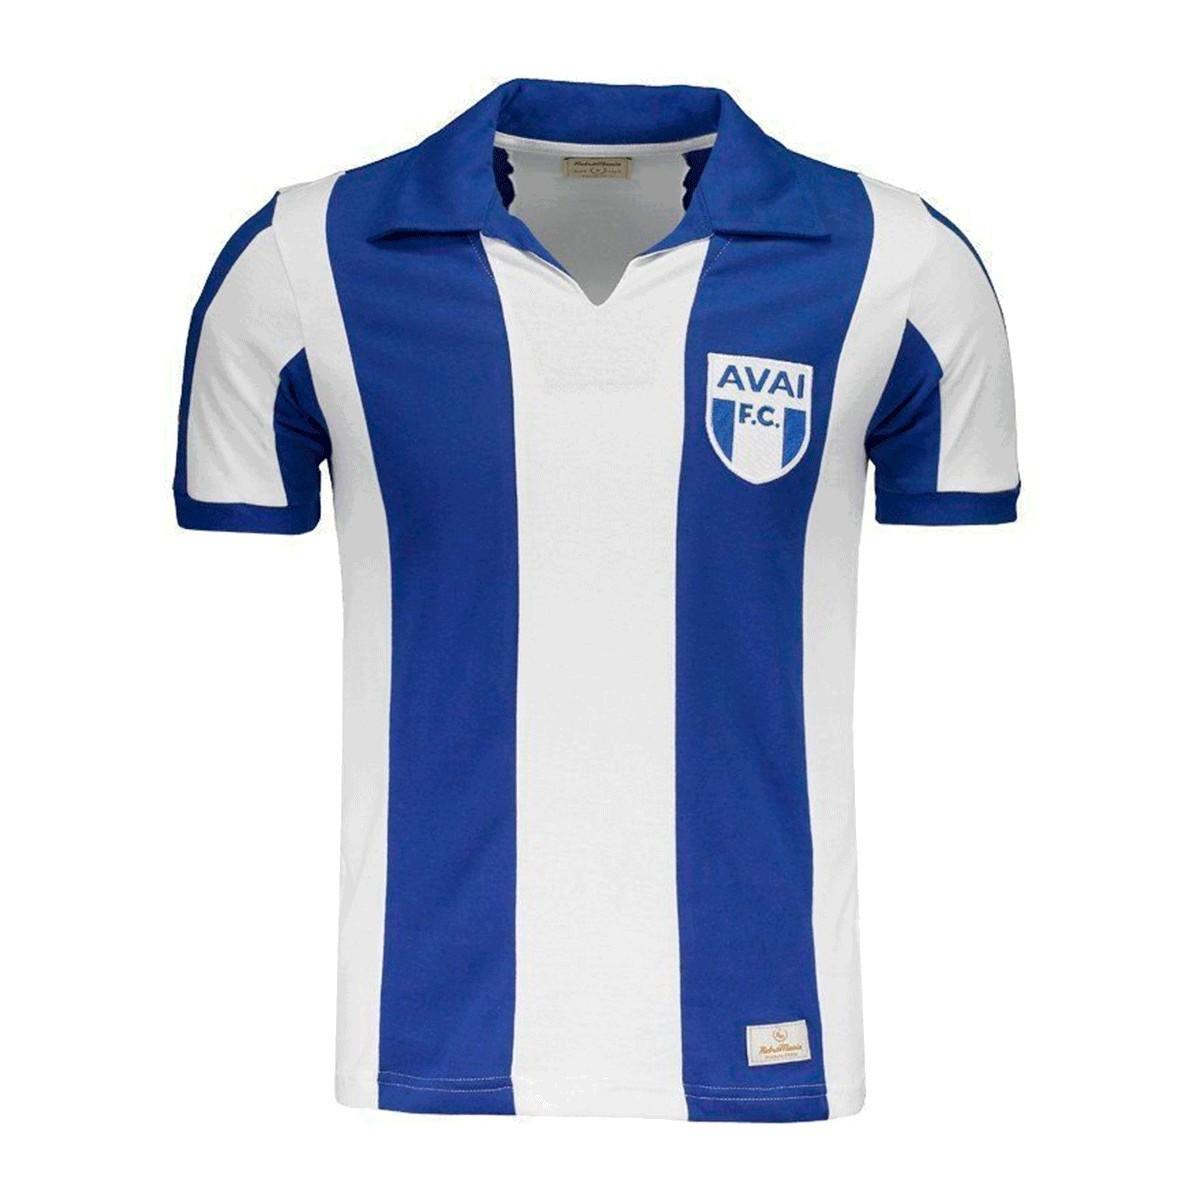 Camisa Avaí 1960 Azul Branco Retrô